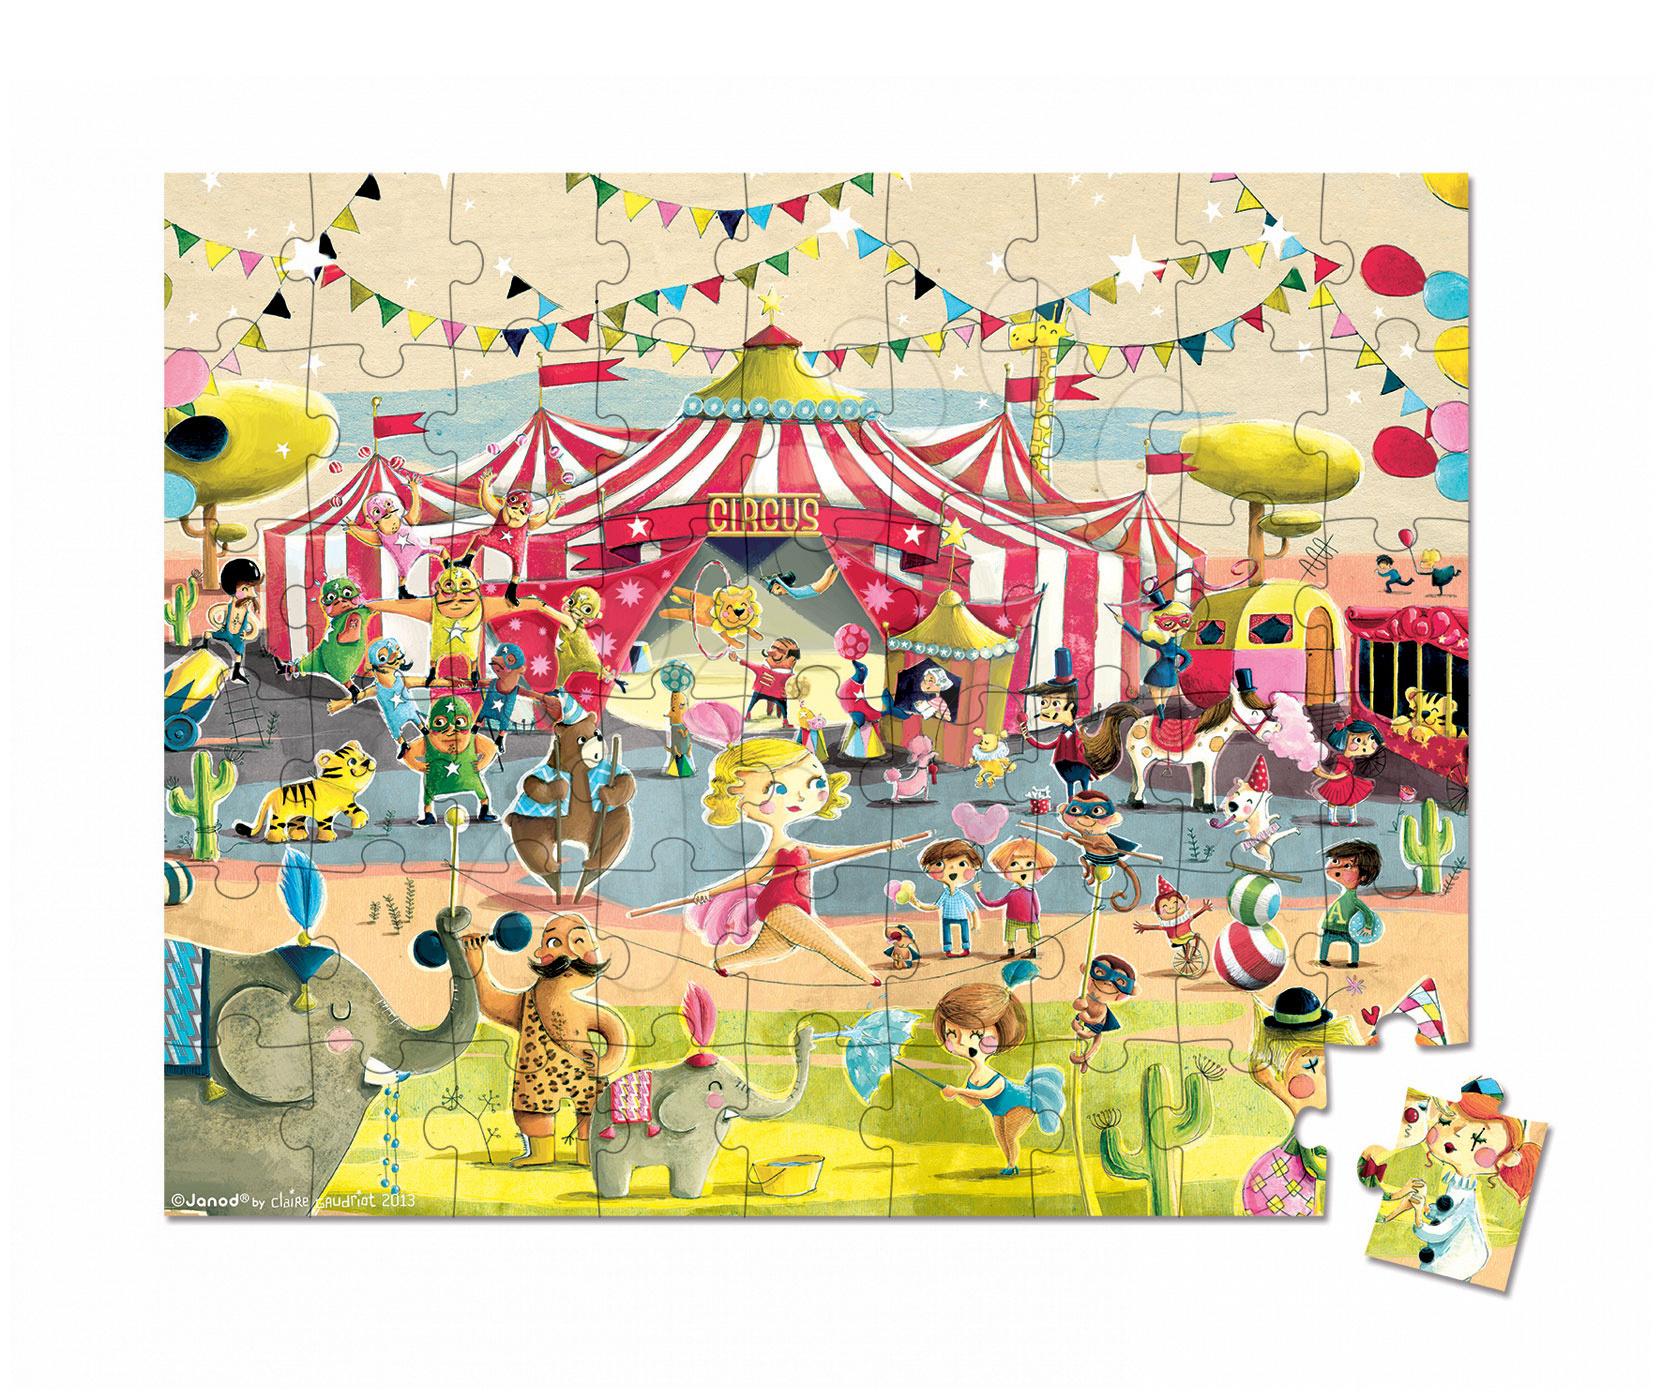 Detské puzzle do 100 dielov - Puzzle Cirkus Janod v okrúhlom kufríku 54 dielov od 5 - 8 rokov